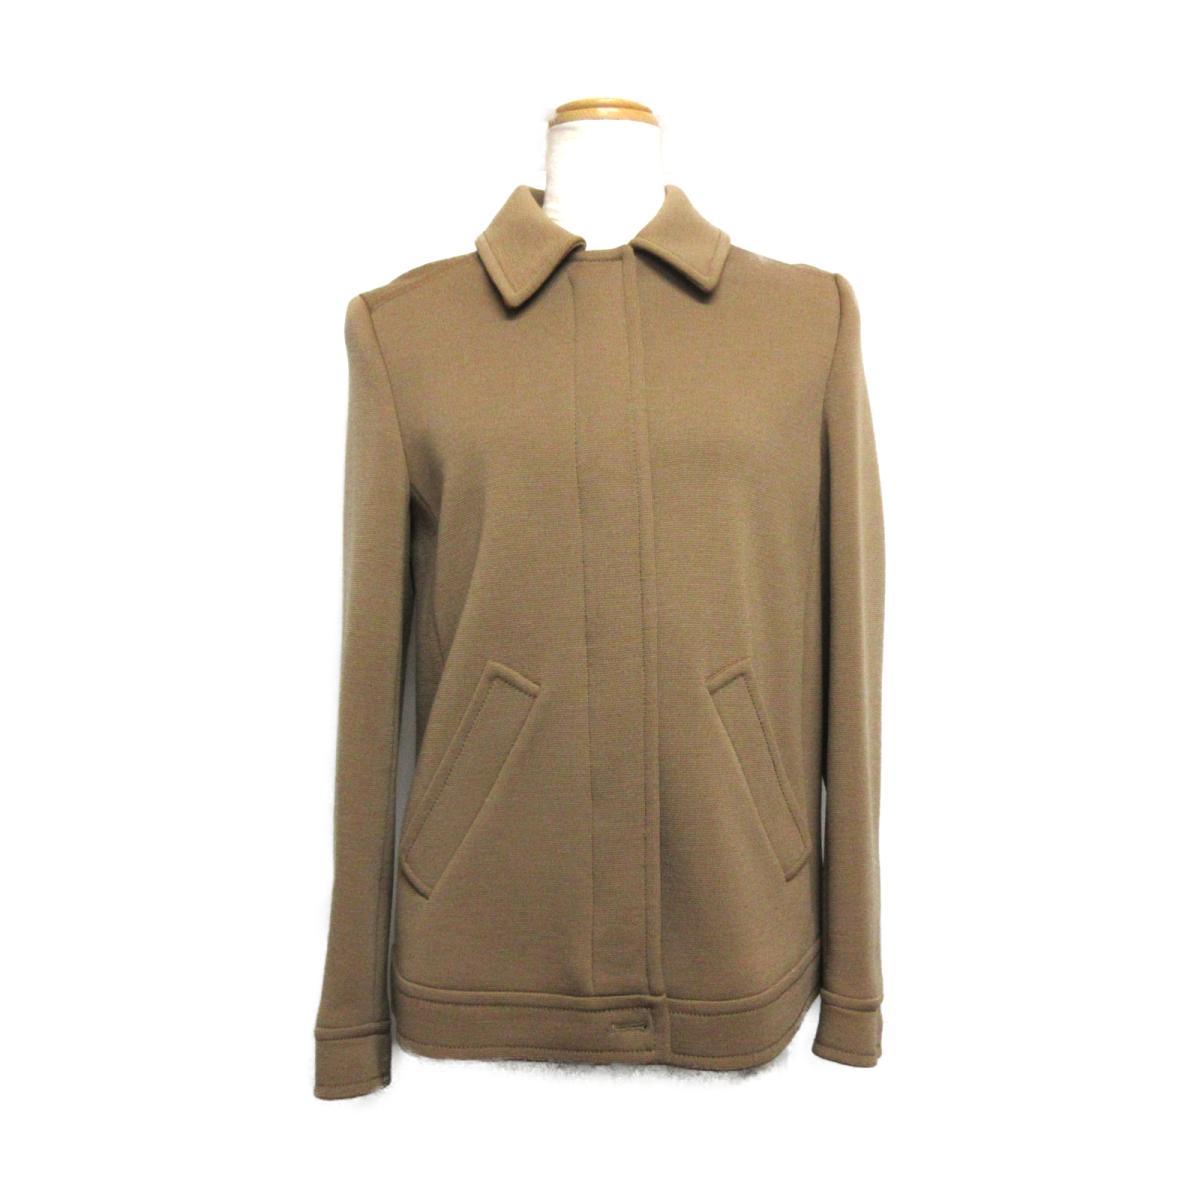 【中古】 プラダ 3ピース ジャケット レディース 100% ウール キャメル | PRADA 衣類 3ピースジャケット 美品 ブランドオフ